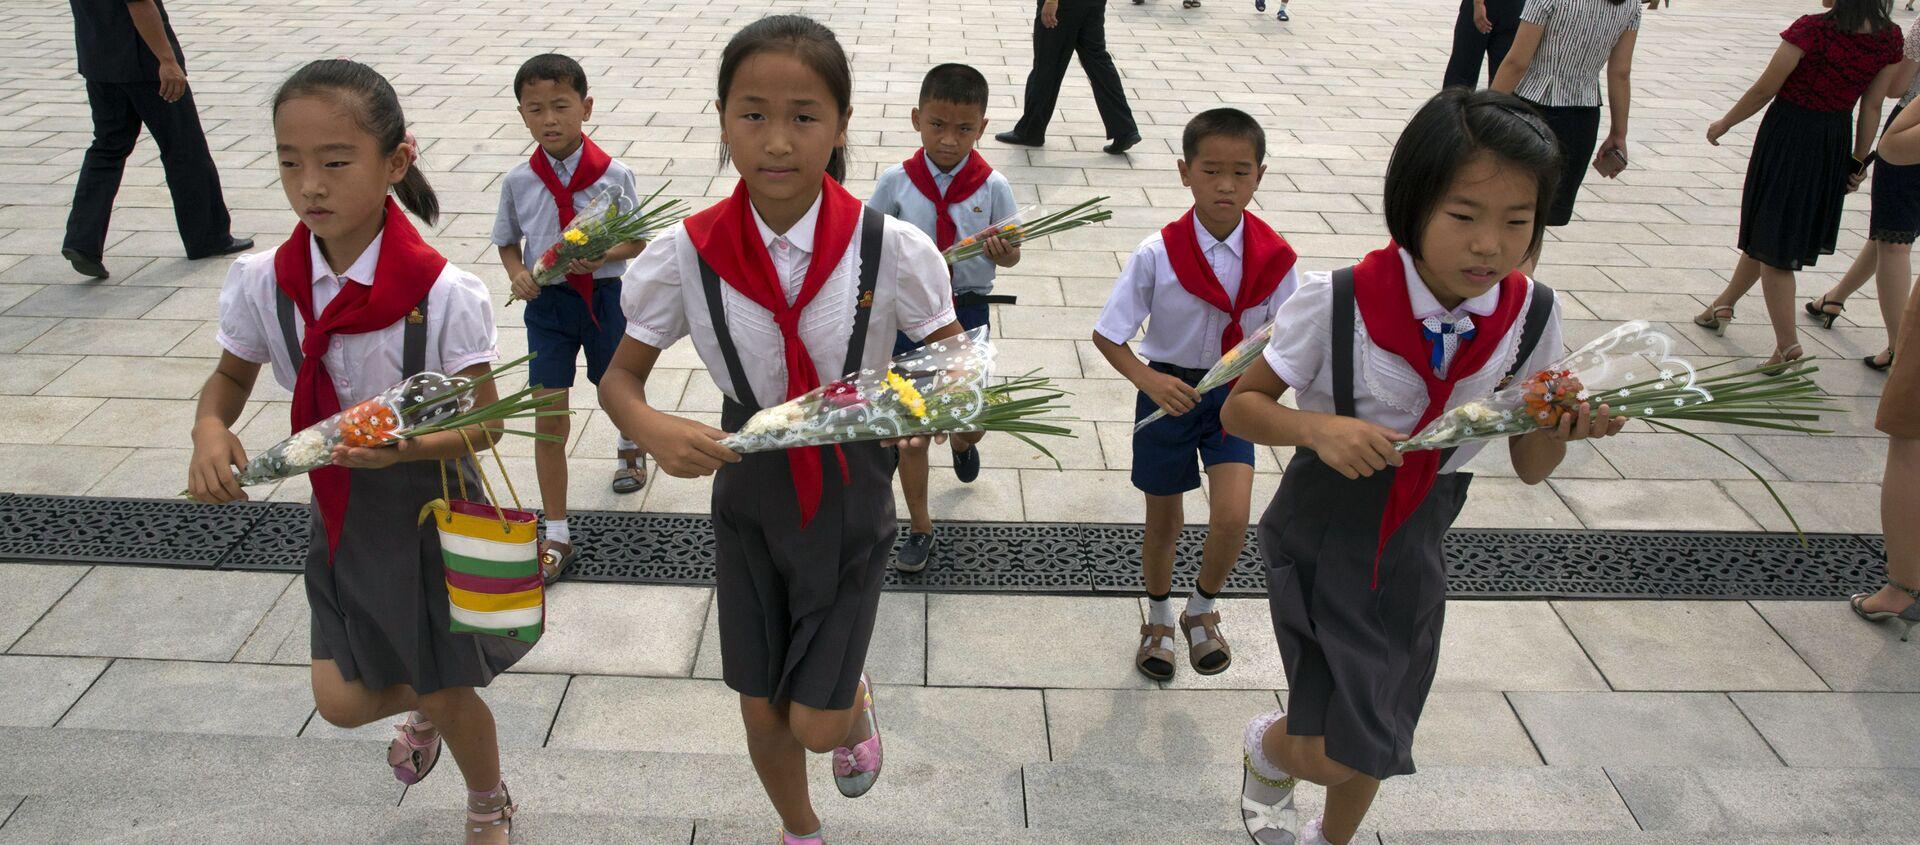 Школьники несут цветы к памятникам северокорейским лидерам Ким Ир Сена и Ким Чен Ира в Пхеньяне в годовщину окончания Второй мировой войны и освобождения от японского колониального правления  - Sputnik 日本, 1920, 21.01.2021